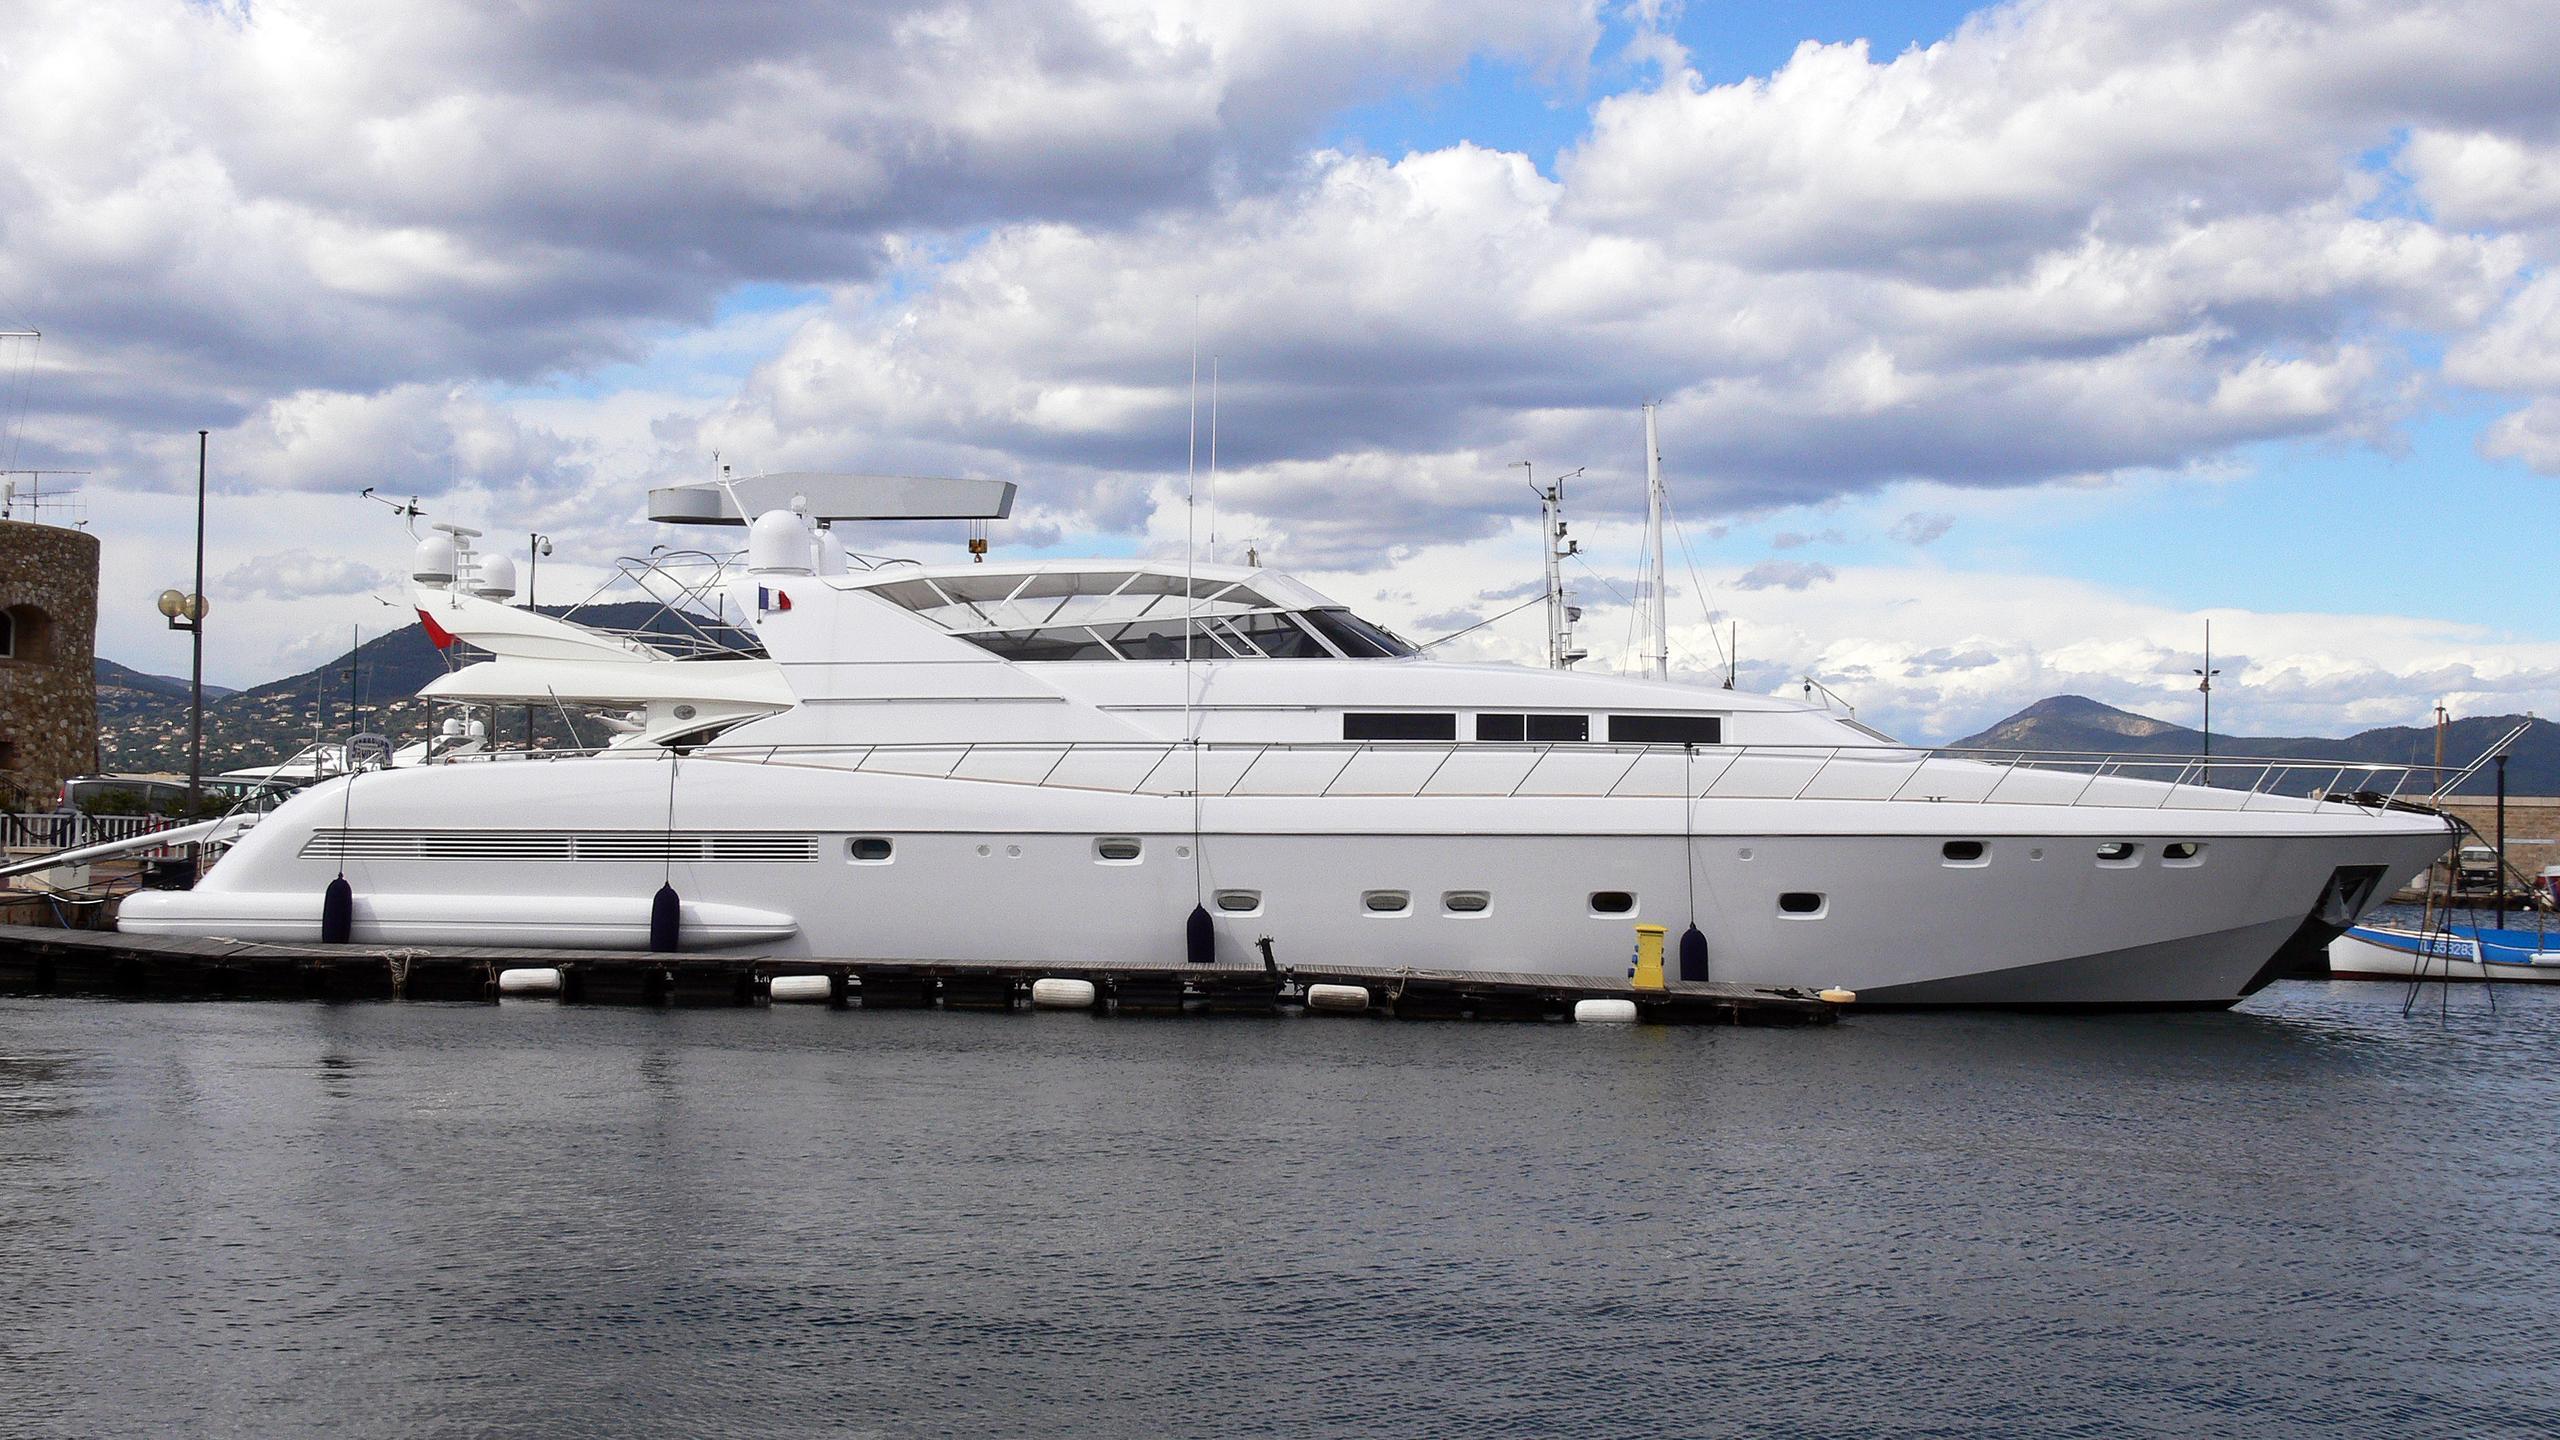 perla-di-mare-ii-yacht-exterior